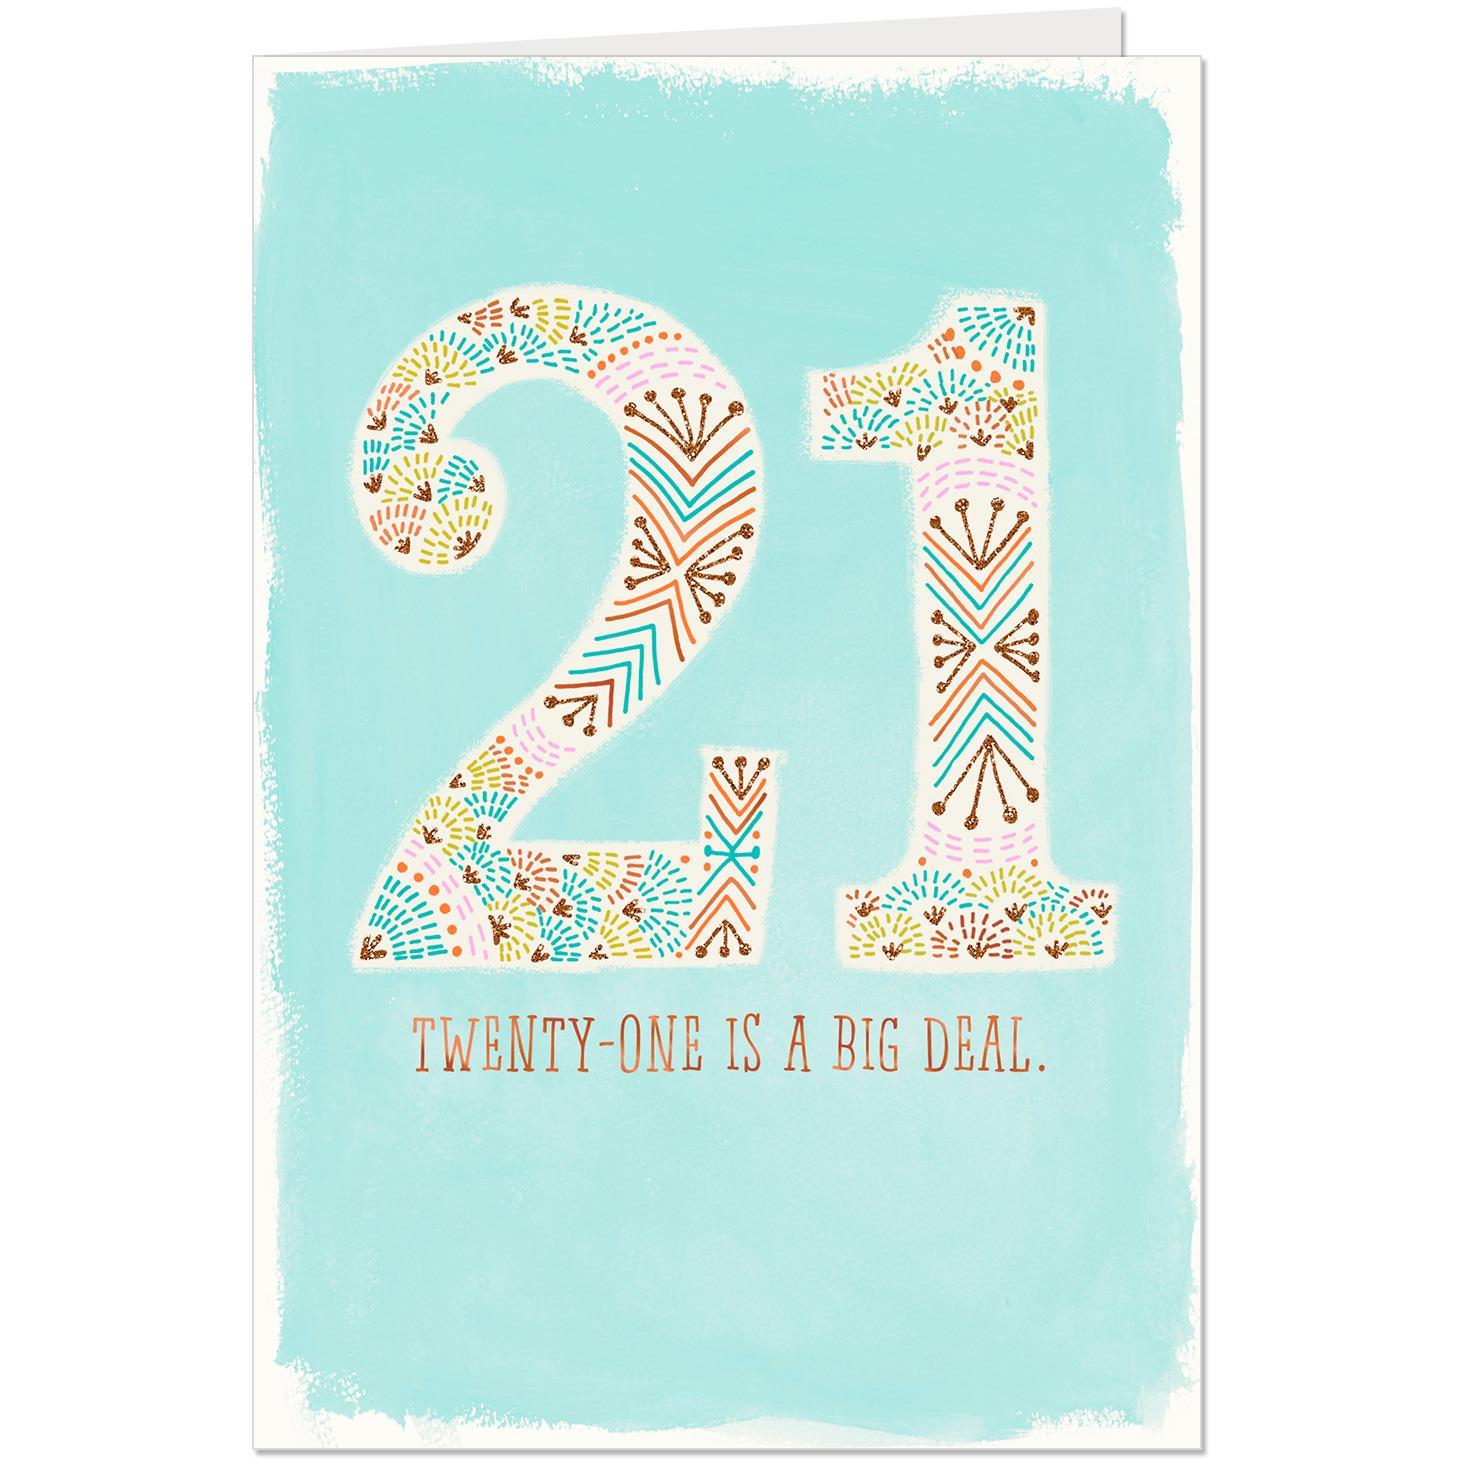 A Big Deal 21st Birthday Card